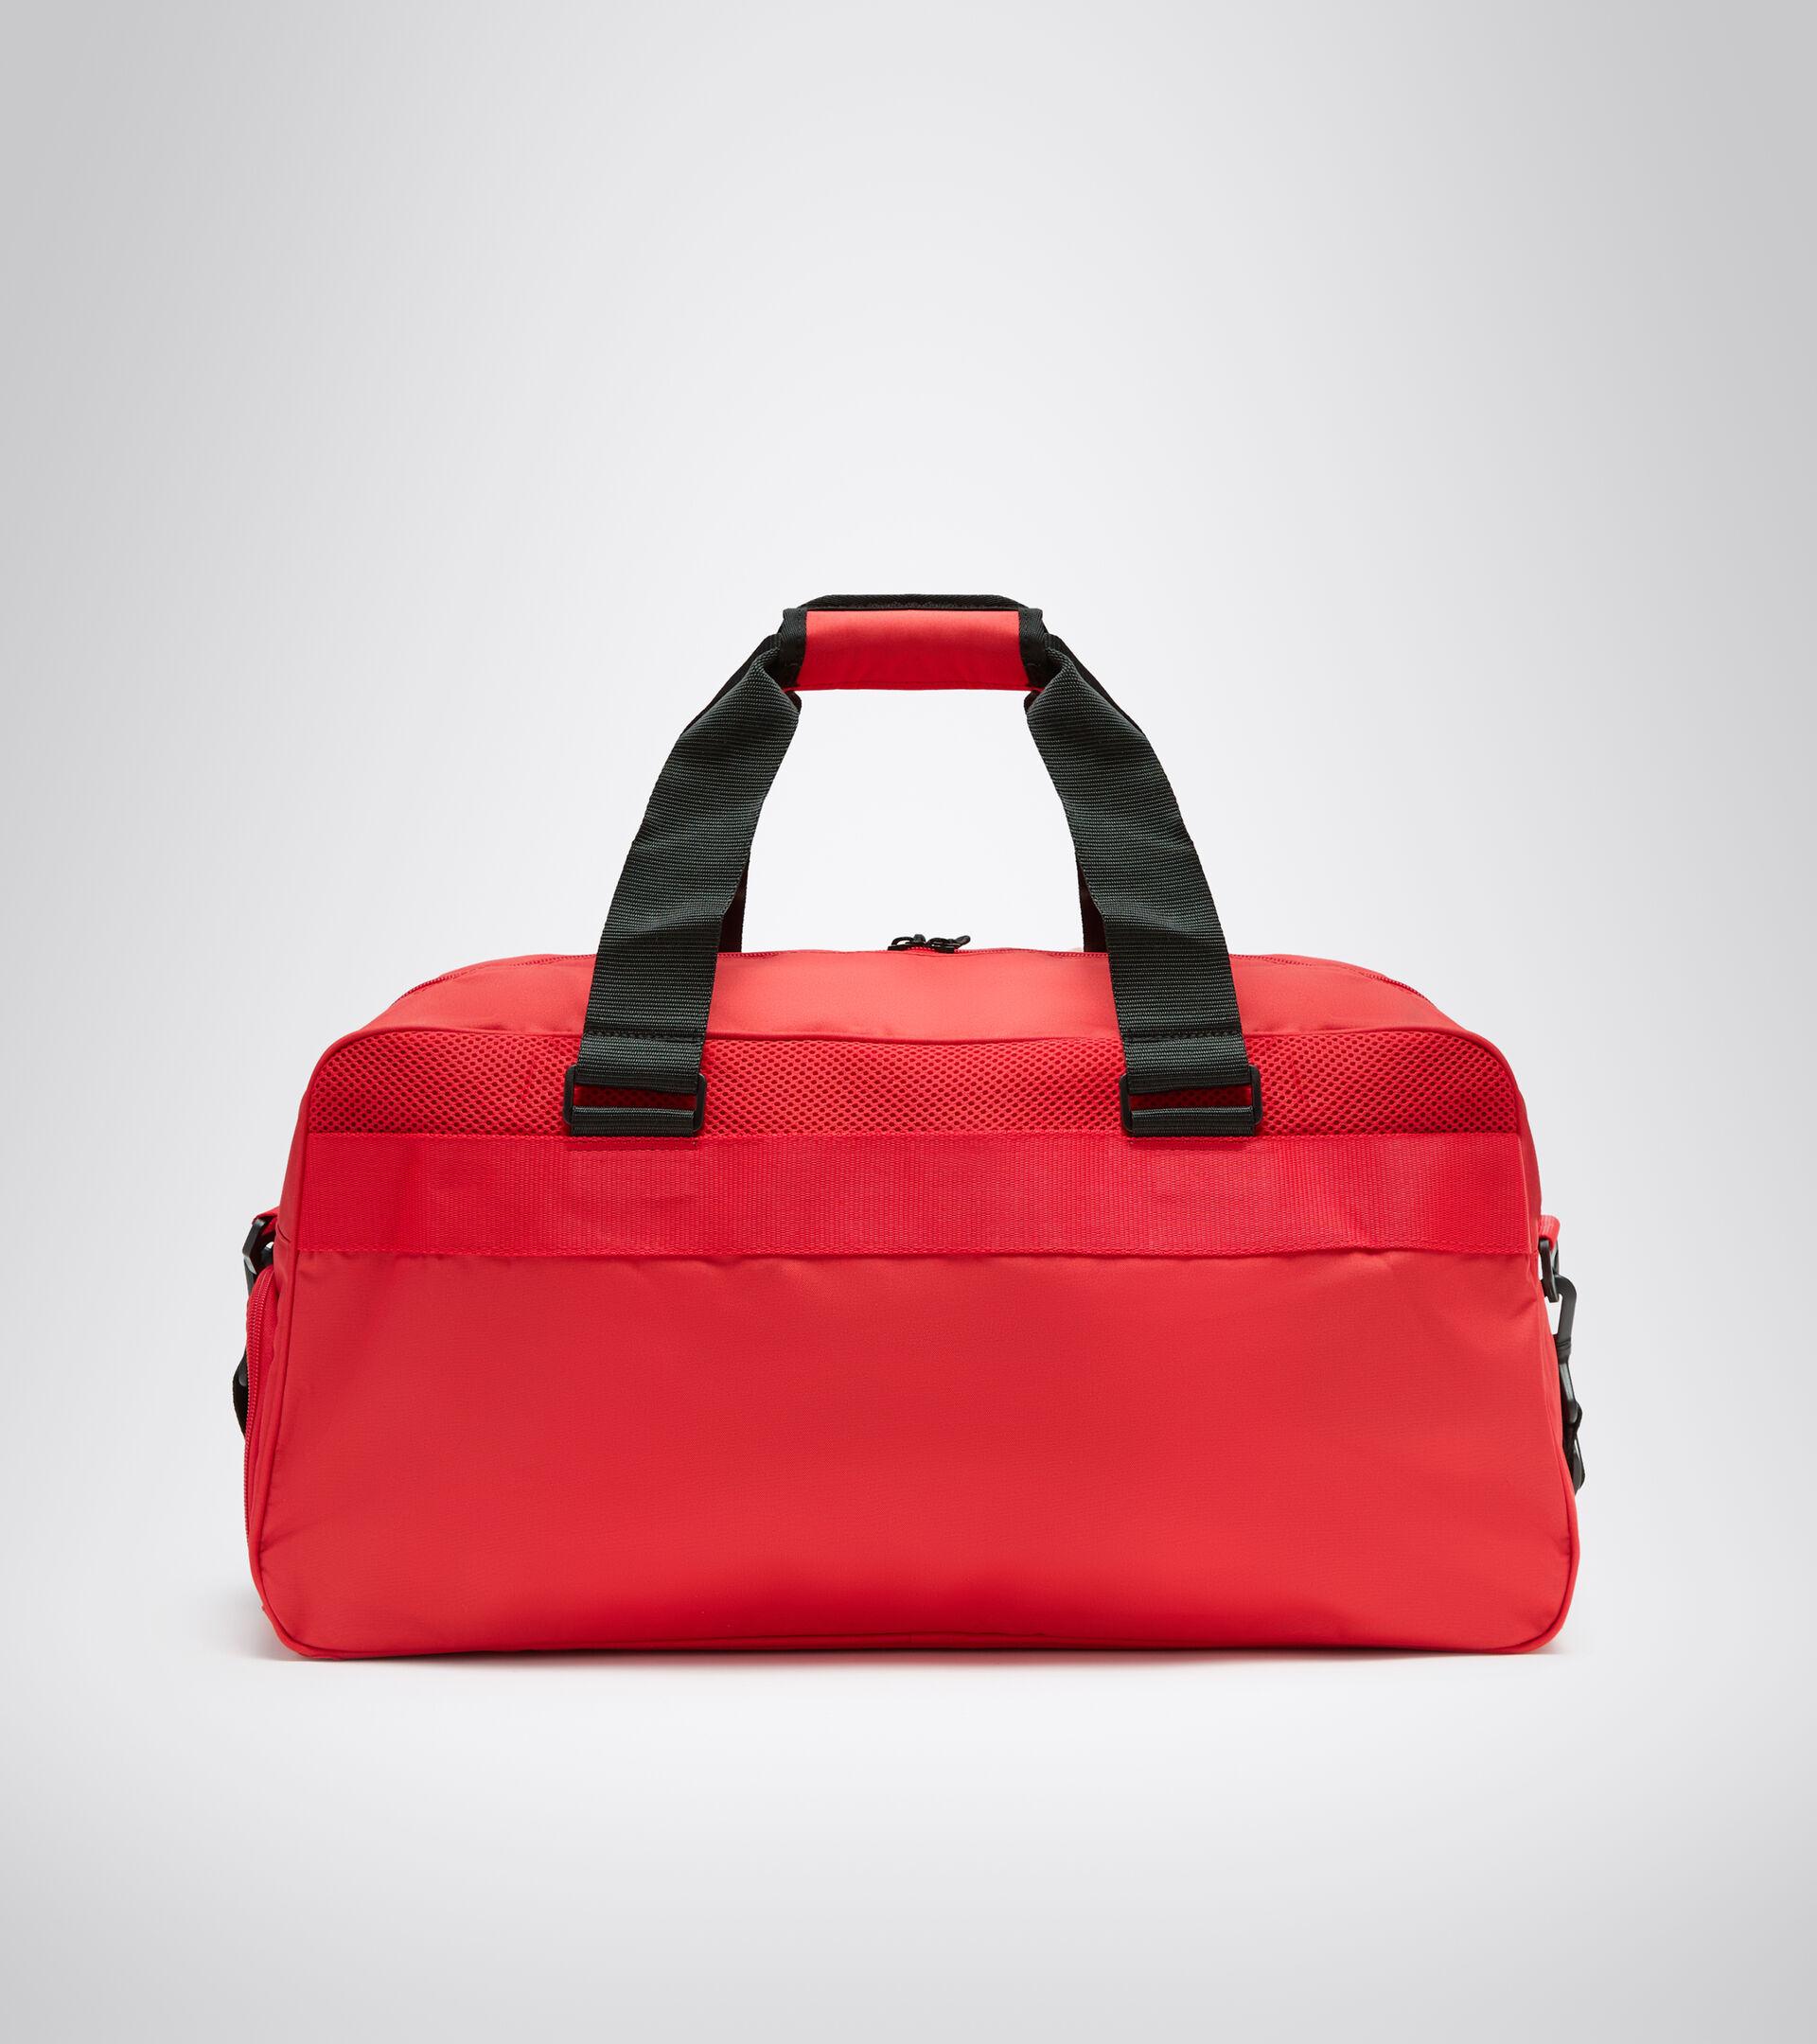 Training bag BAG TENNIS TOMATO RED - Diadora